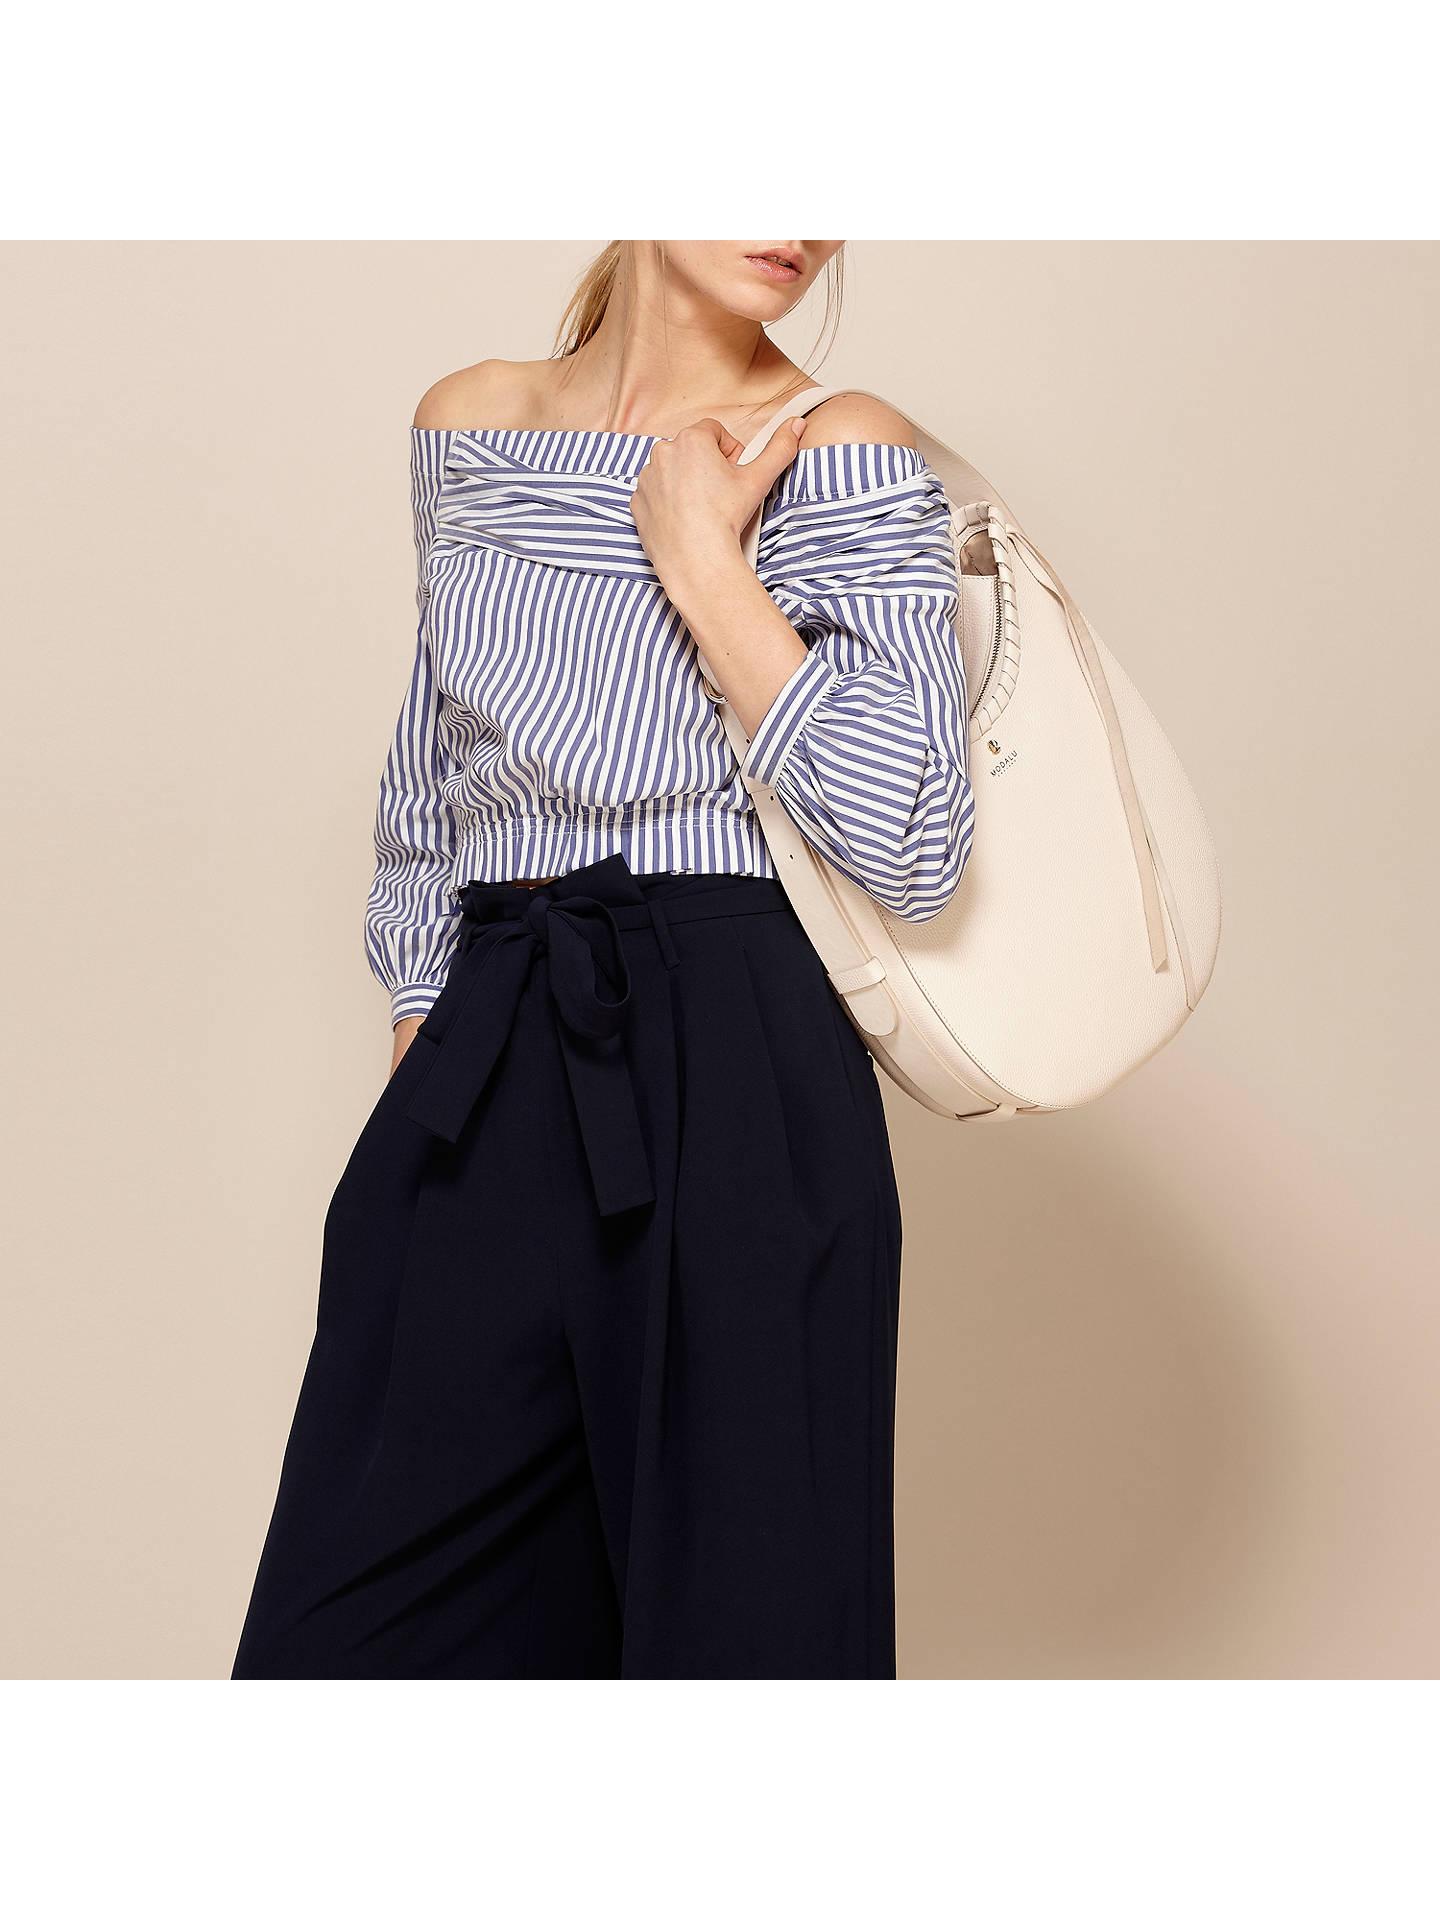 770520ce30 ... Buy Modalu Luna Scoop Leather Large Shoulder Bag